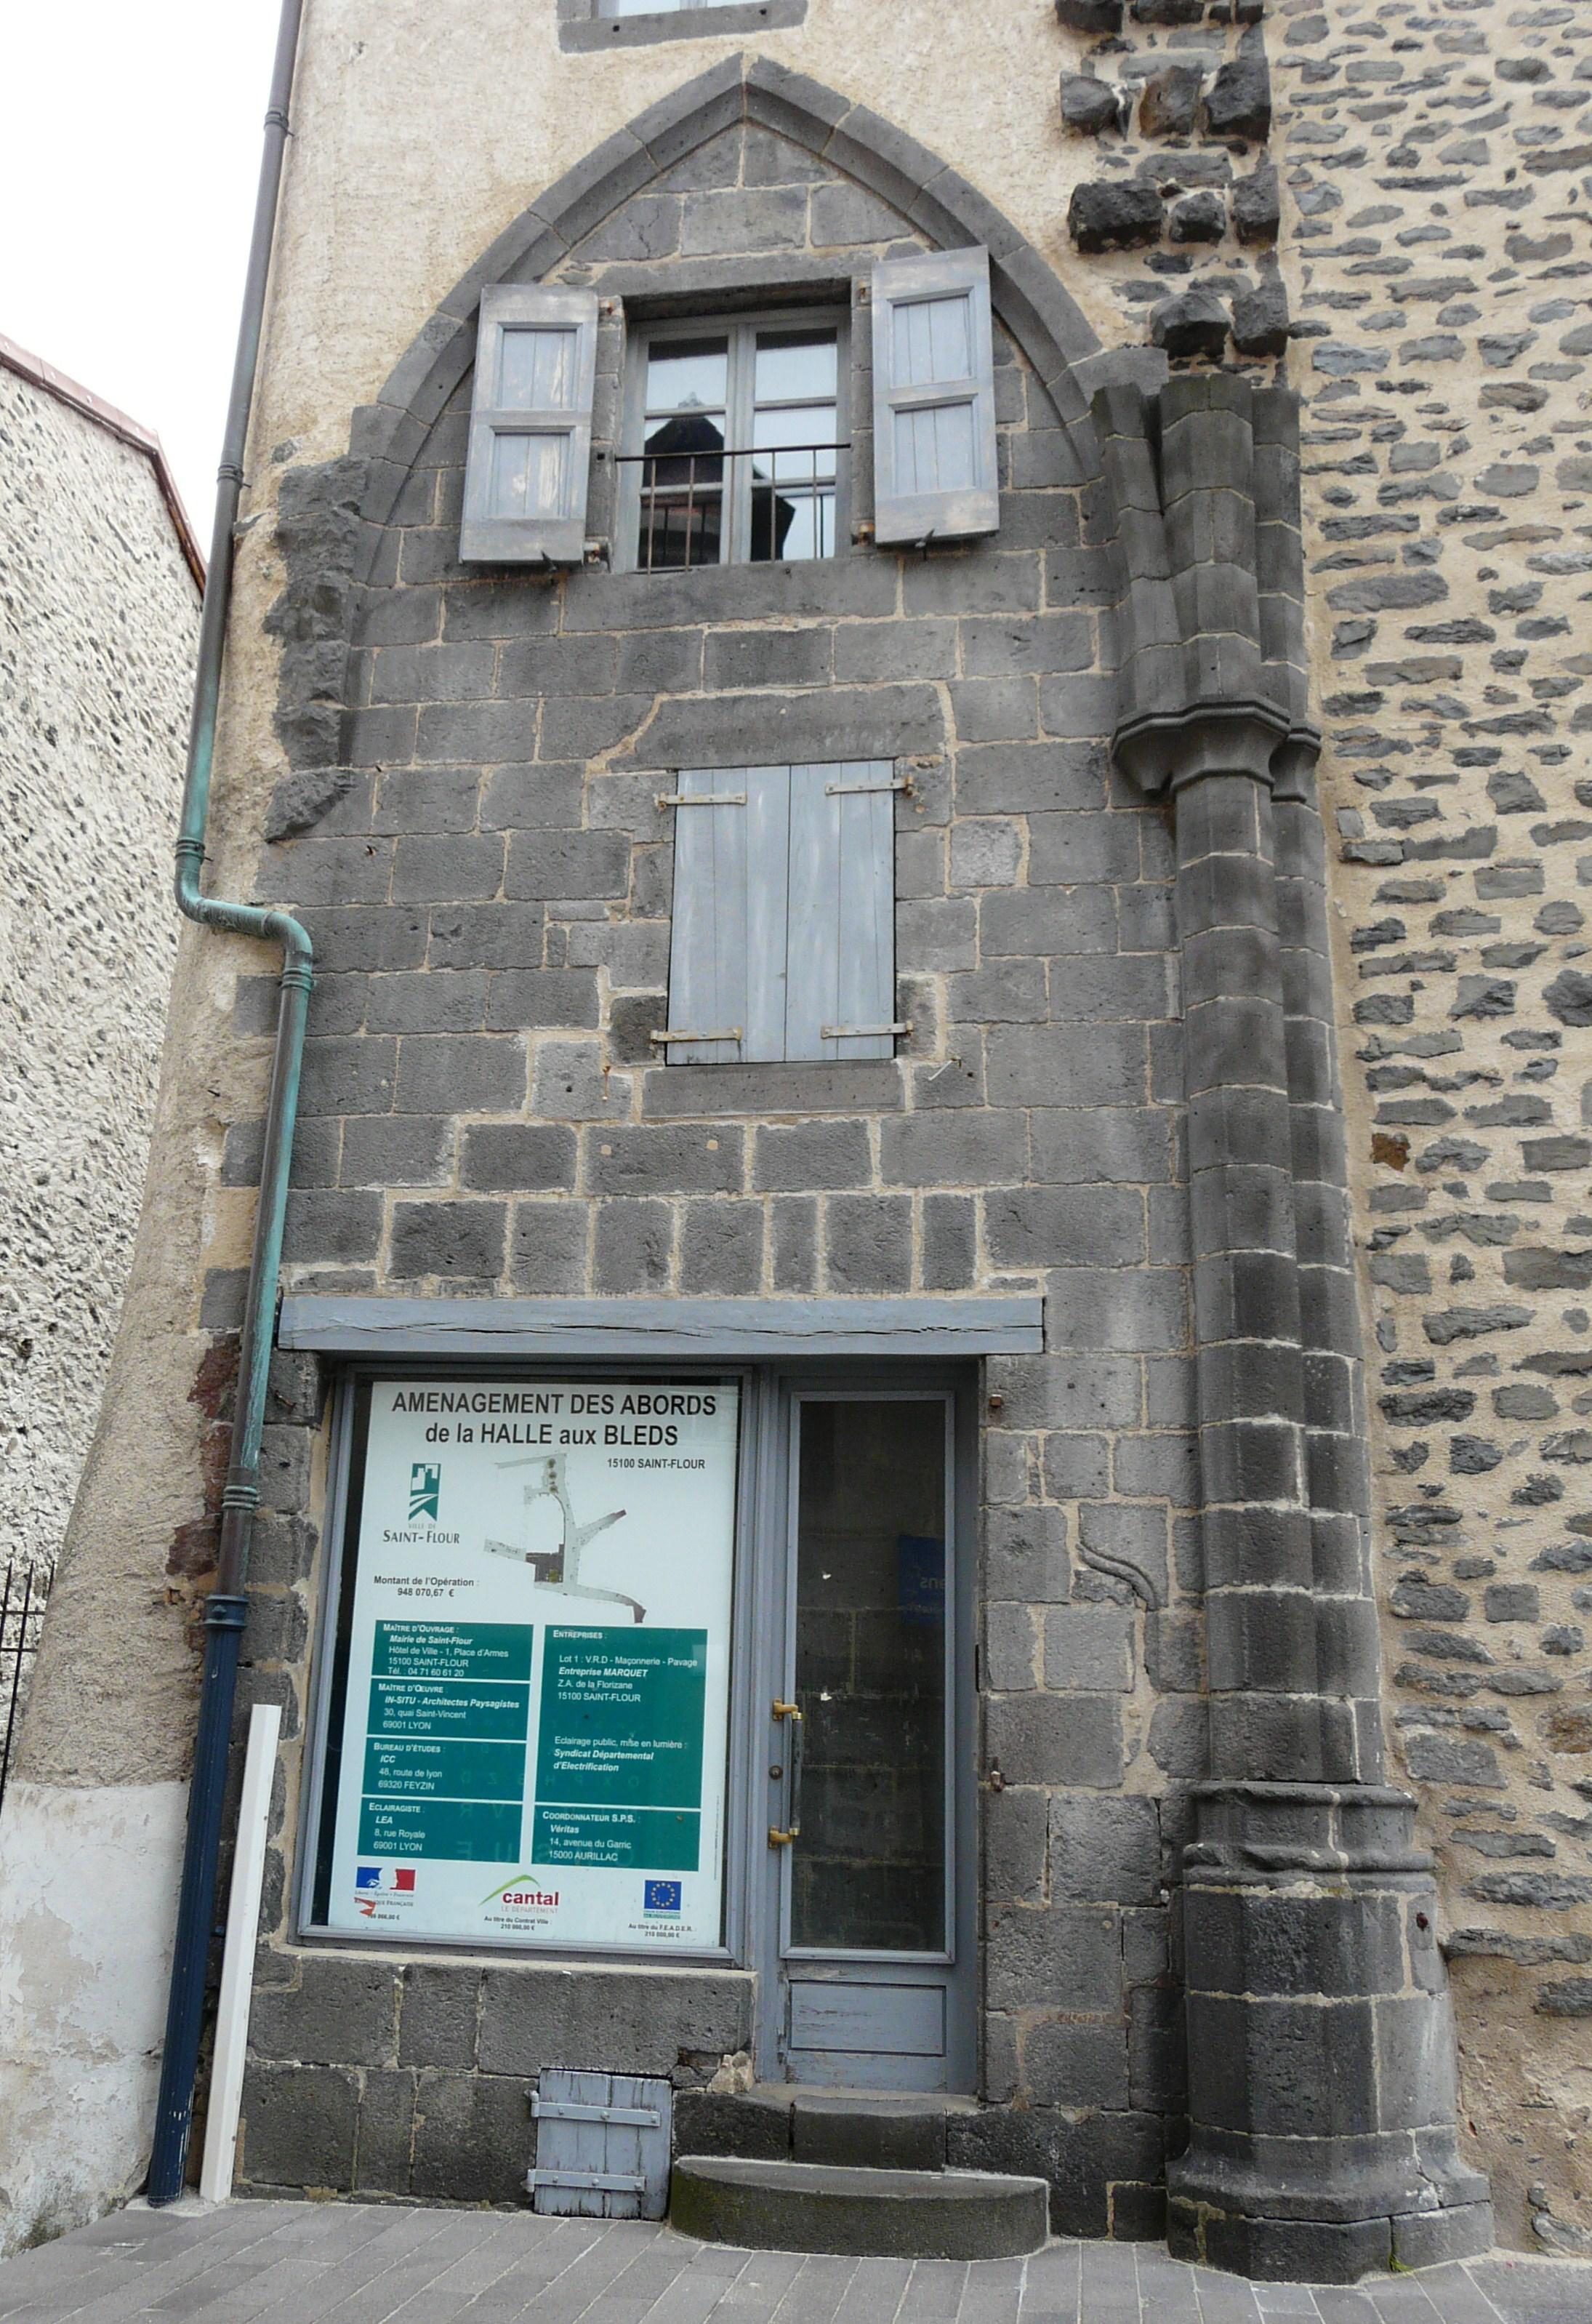 Entreprise D Architecture Lyon file:saint-flour 7 rue de la collégiale - wikimedia commons